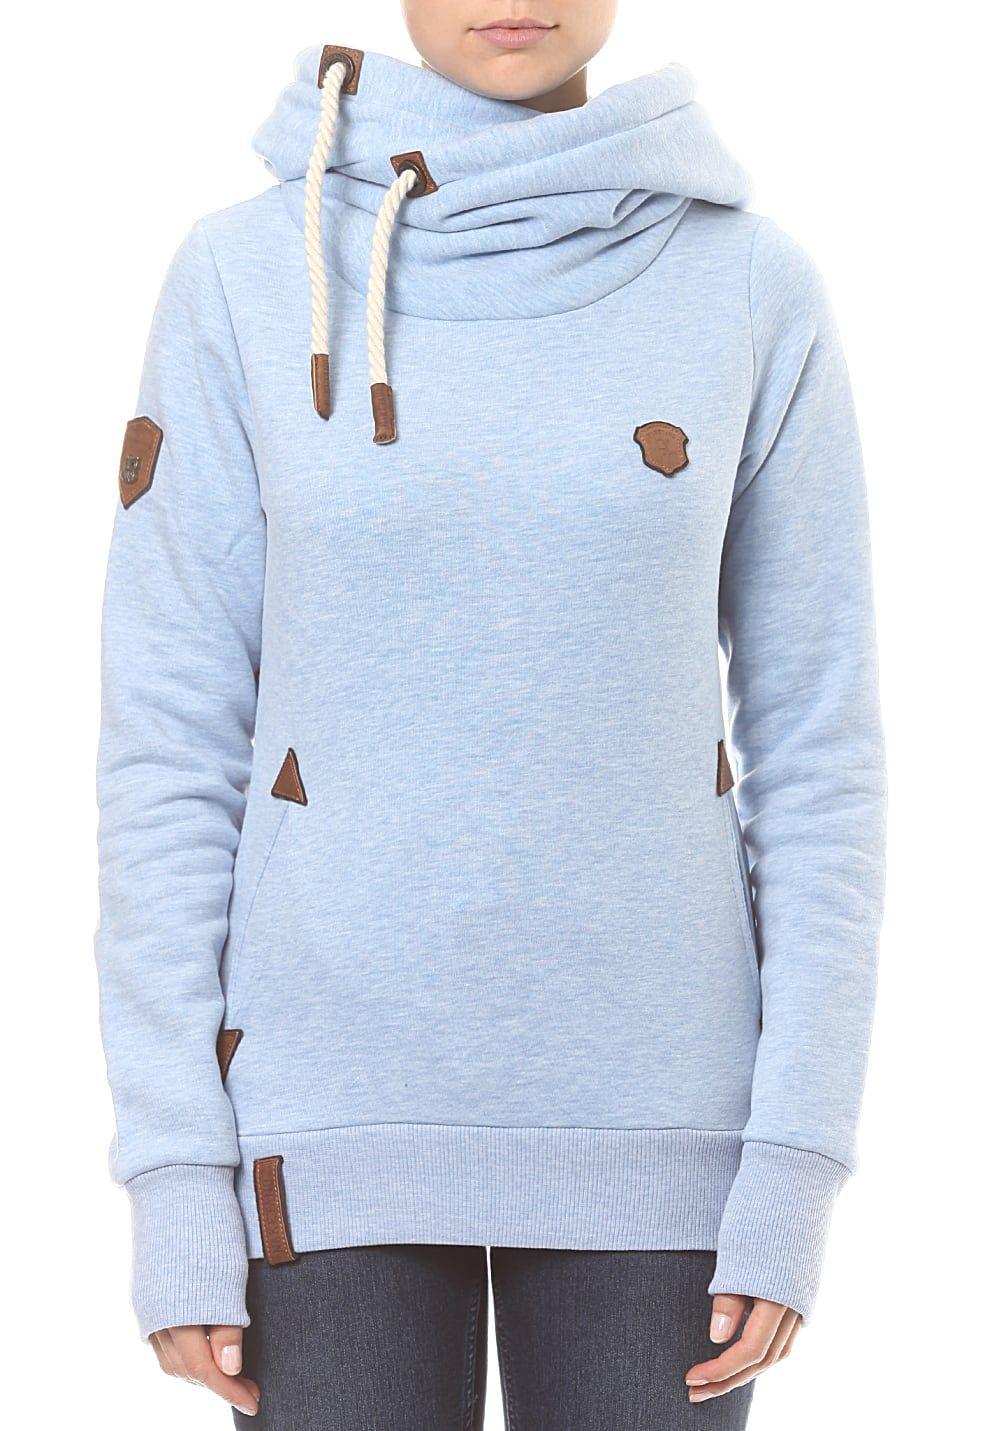 Naketano Darth Ix I Kapuzenpullover Fur Damen Blau Jetzt Bestellen Unter Https Mode Ladendirekt De Damen Bekleidung Pullov Kapuzenpullover Pullover Mode